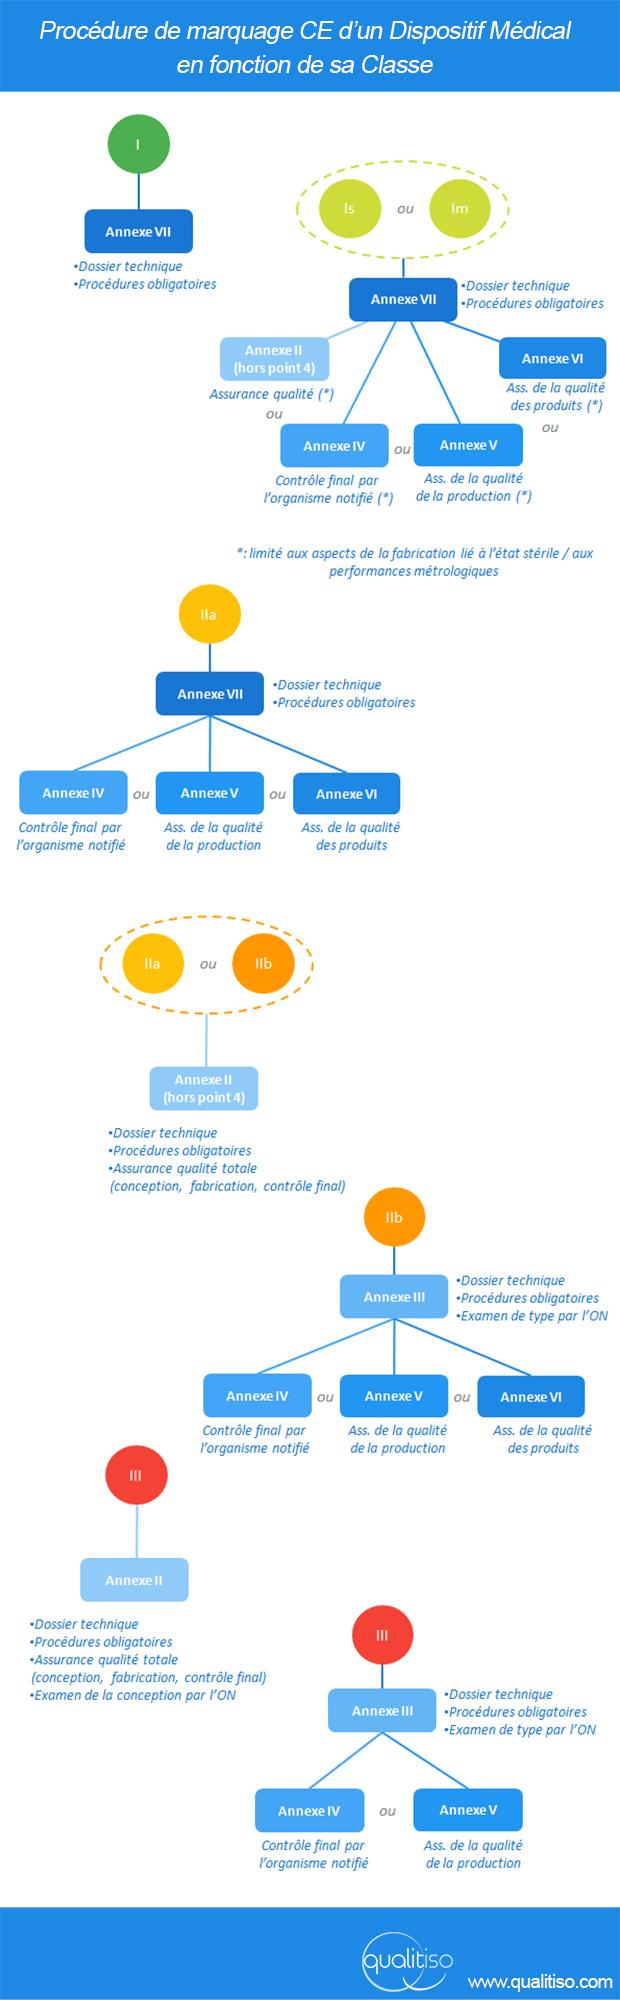 Procédures d'évaluation de la conformité - directive 93/42/CEE